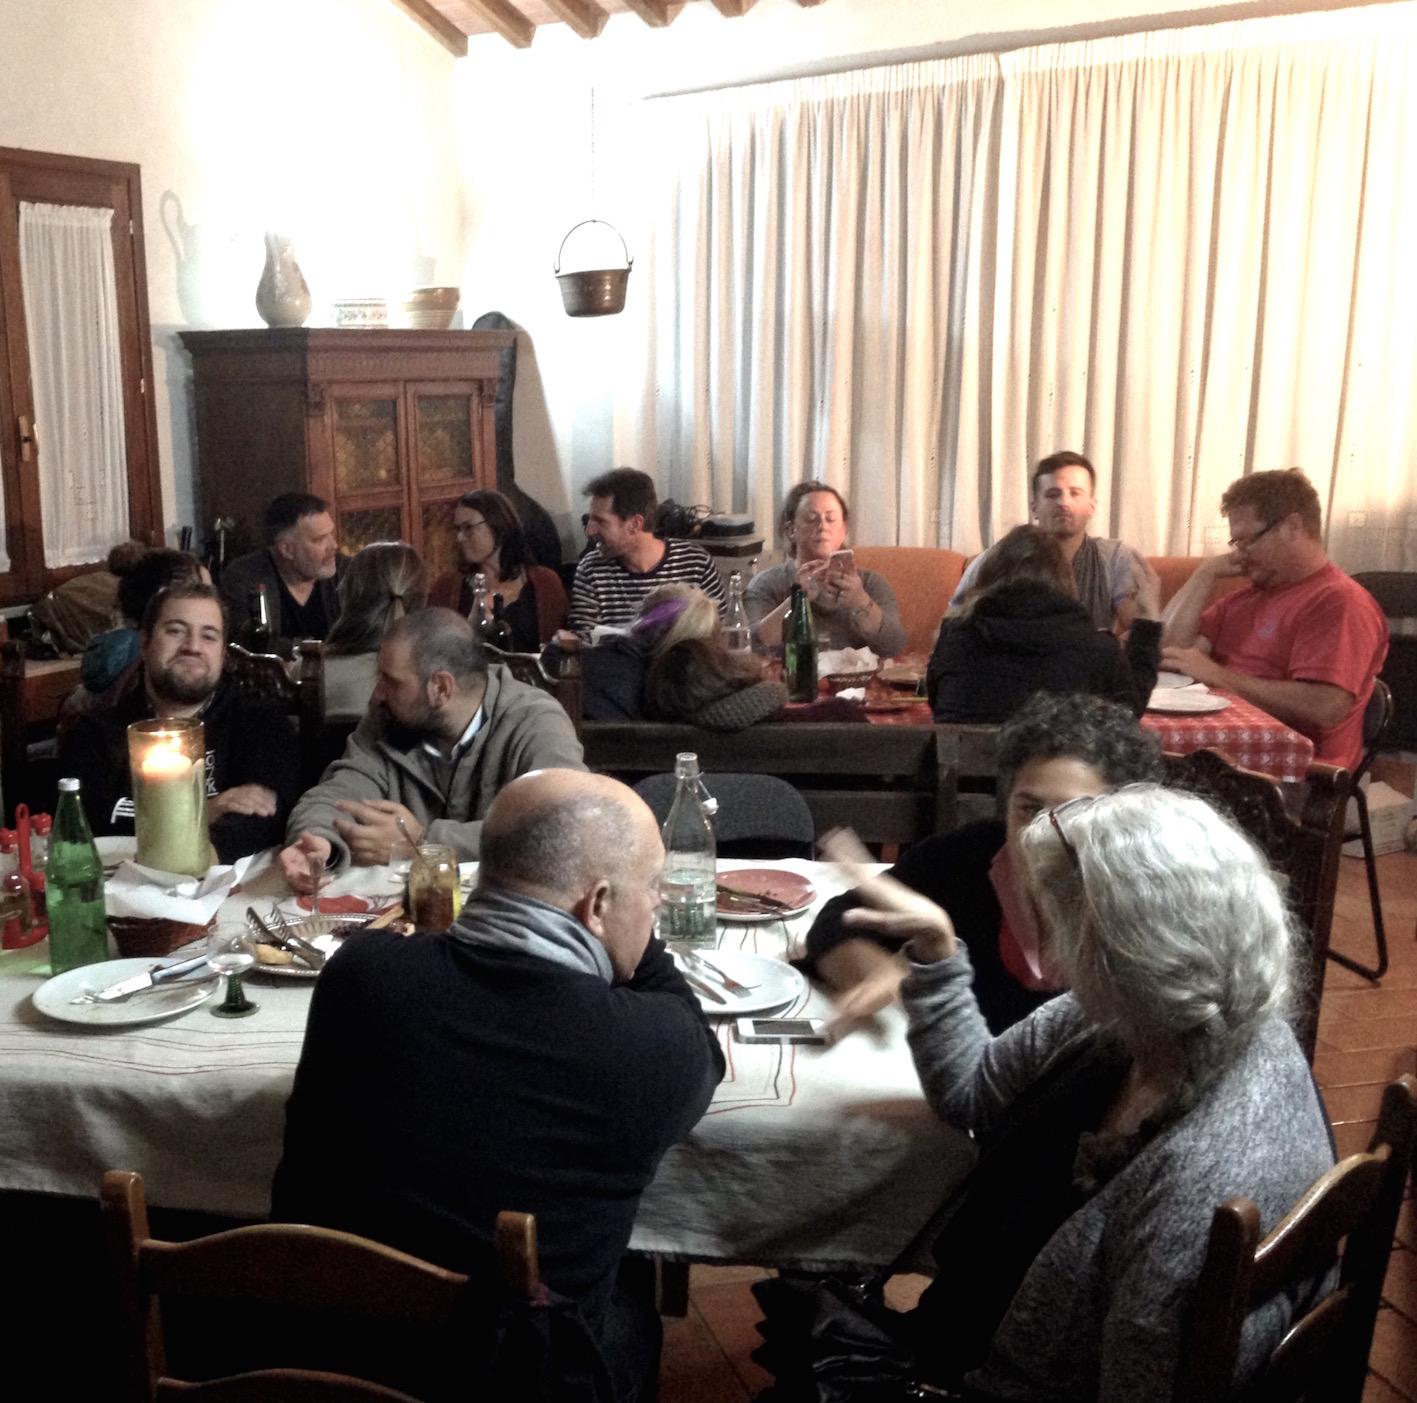 Italian Family Dinner JACeu16 Square.jpg